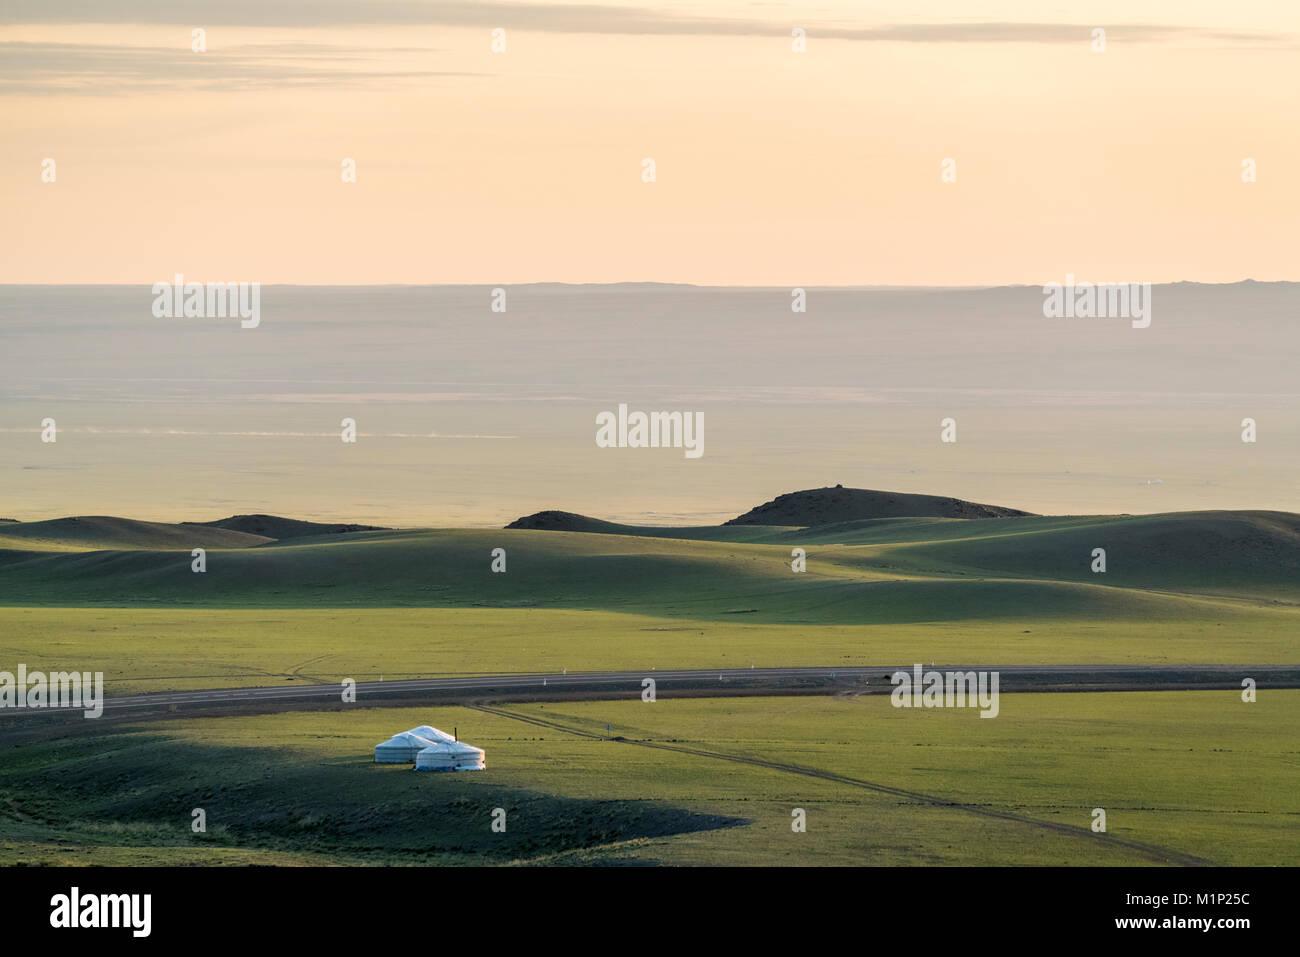 Campamento nómada y colinas, Bayandalai district, al sur de la provincia de Gobi, Mongolia, Asia Central, África Imagen De Stock